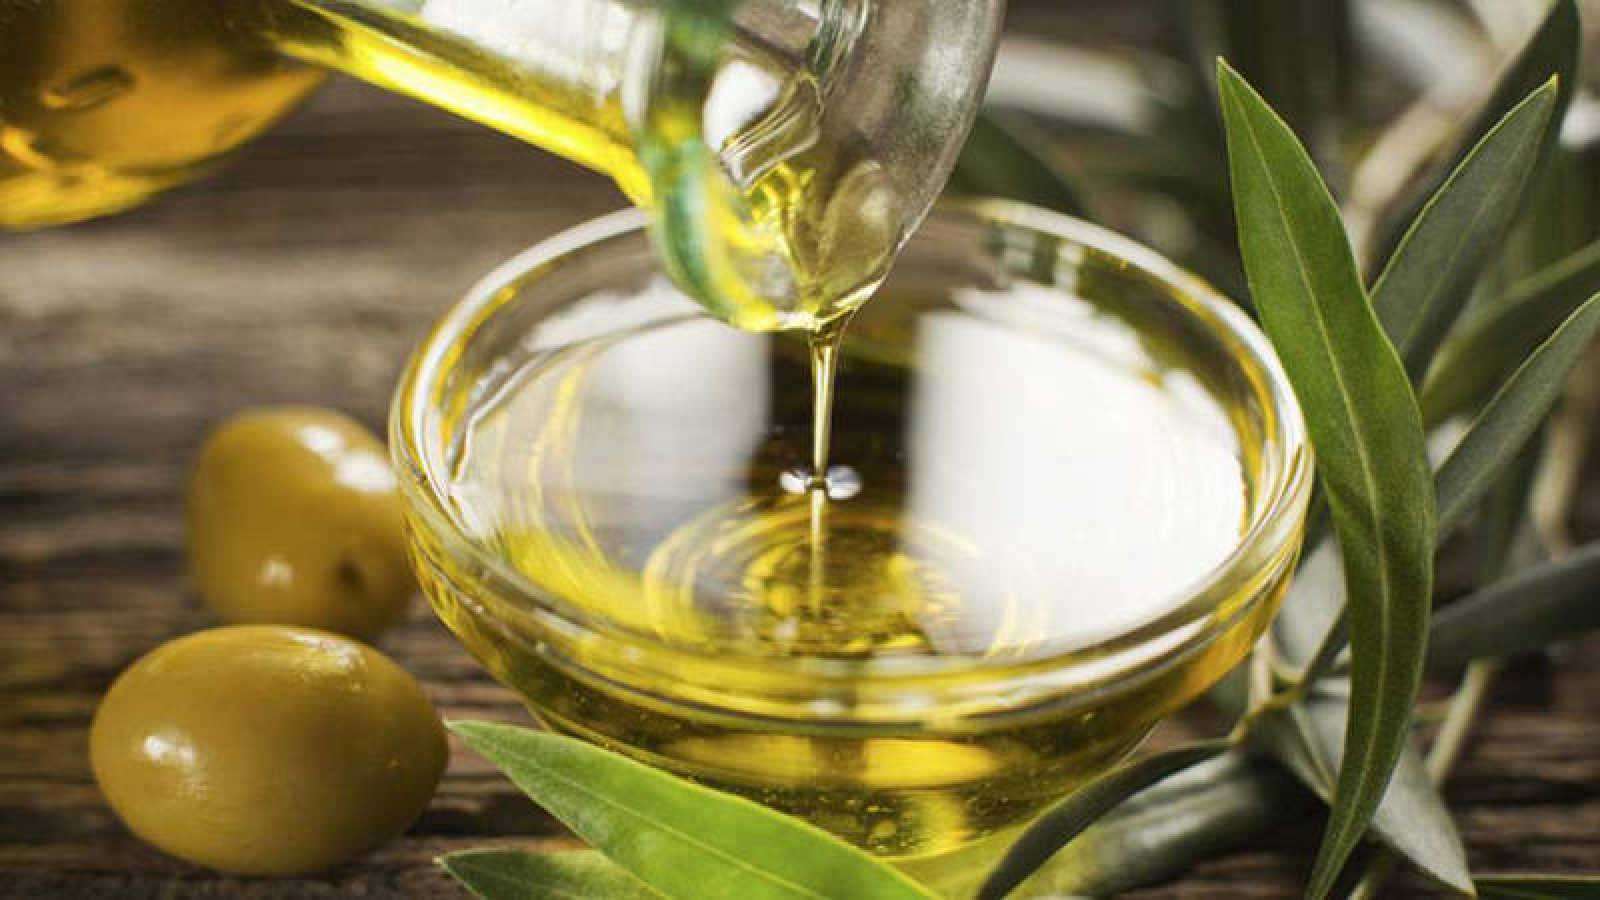 La UJA investigará la cadena de valor del aceite por encargo del Ministerio